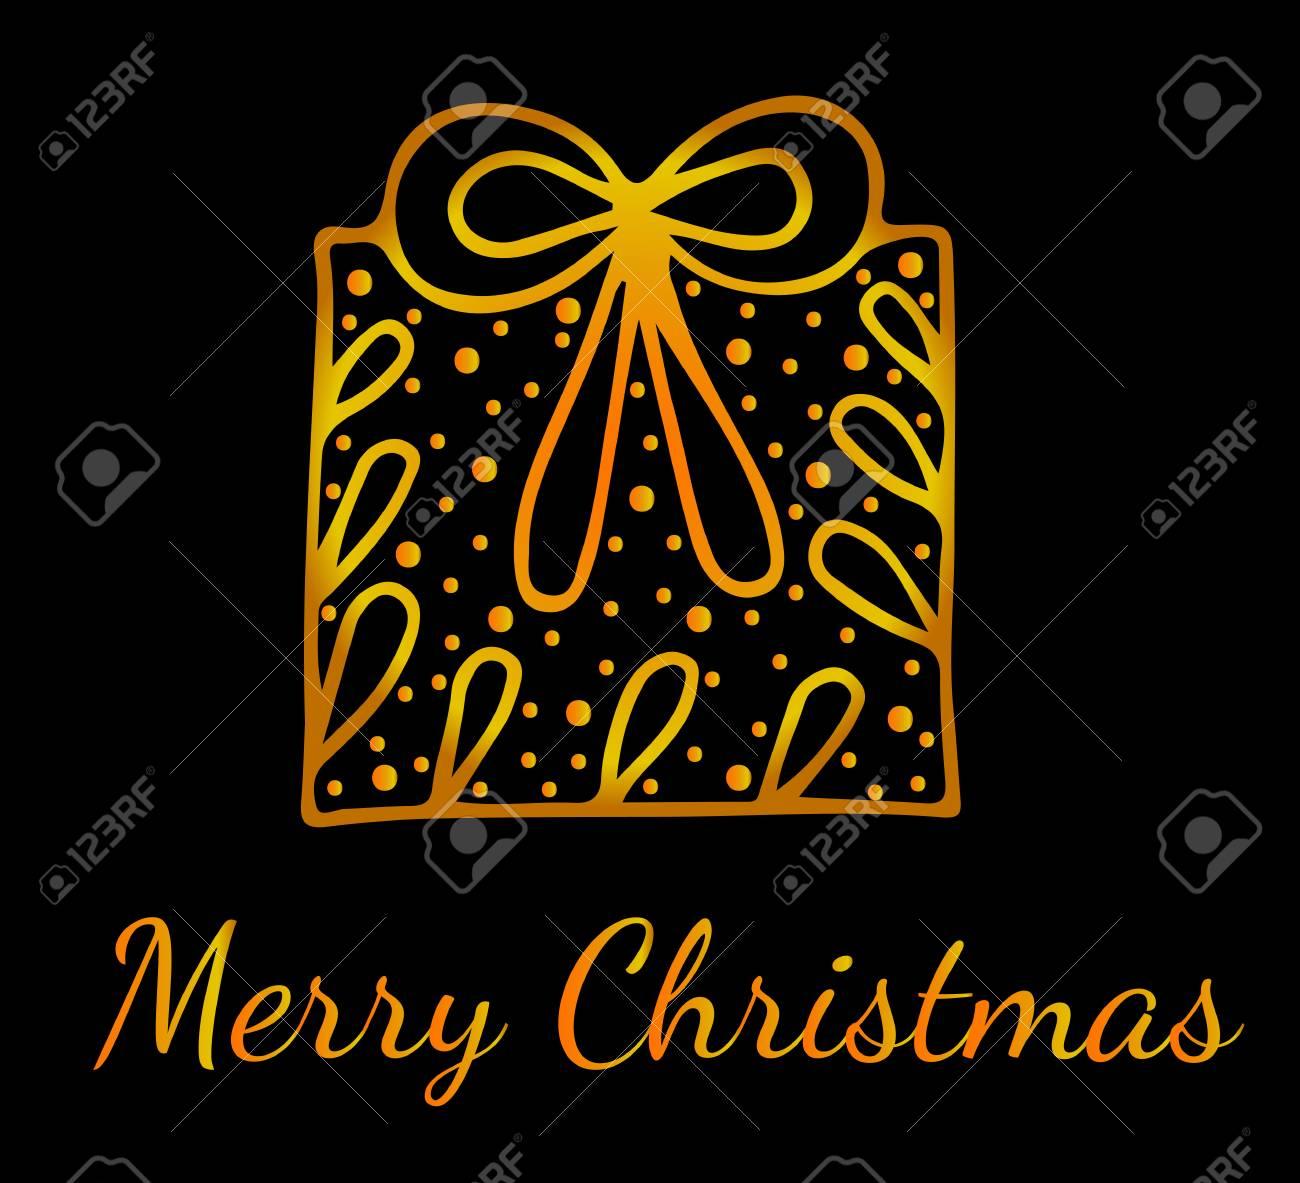 Sfondi Natalizi Oro.Buon Natale Linea D Oro Biglietto Di Auguri Con Grande Regalo Sullo Sfondo Nero Puo Essere Utilizzato Per Carta Invito Poster Sfondi Texture